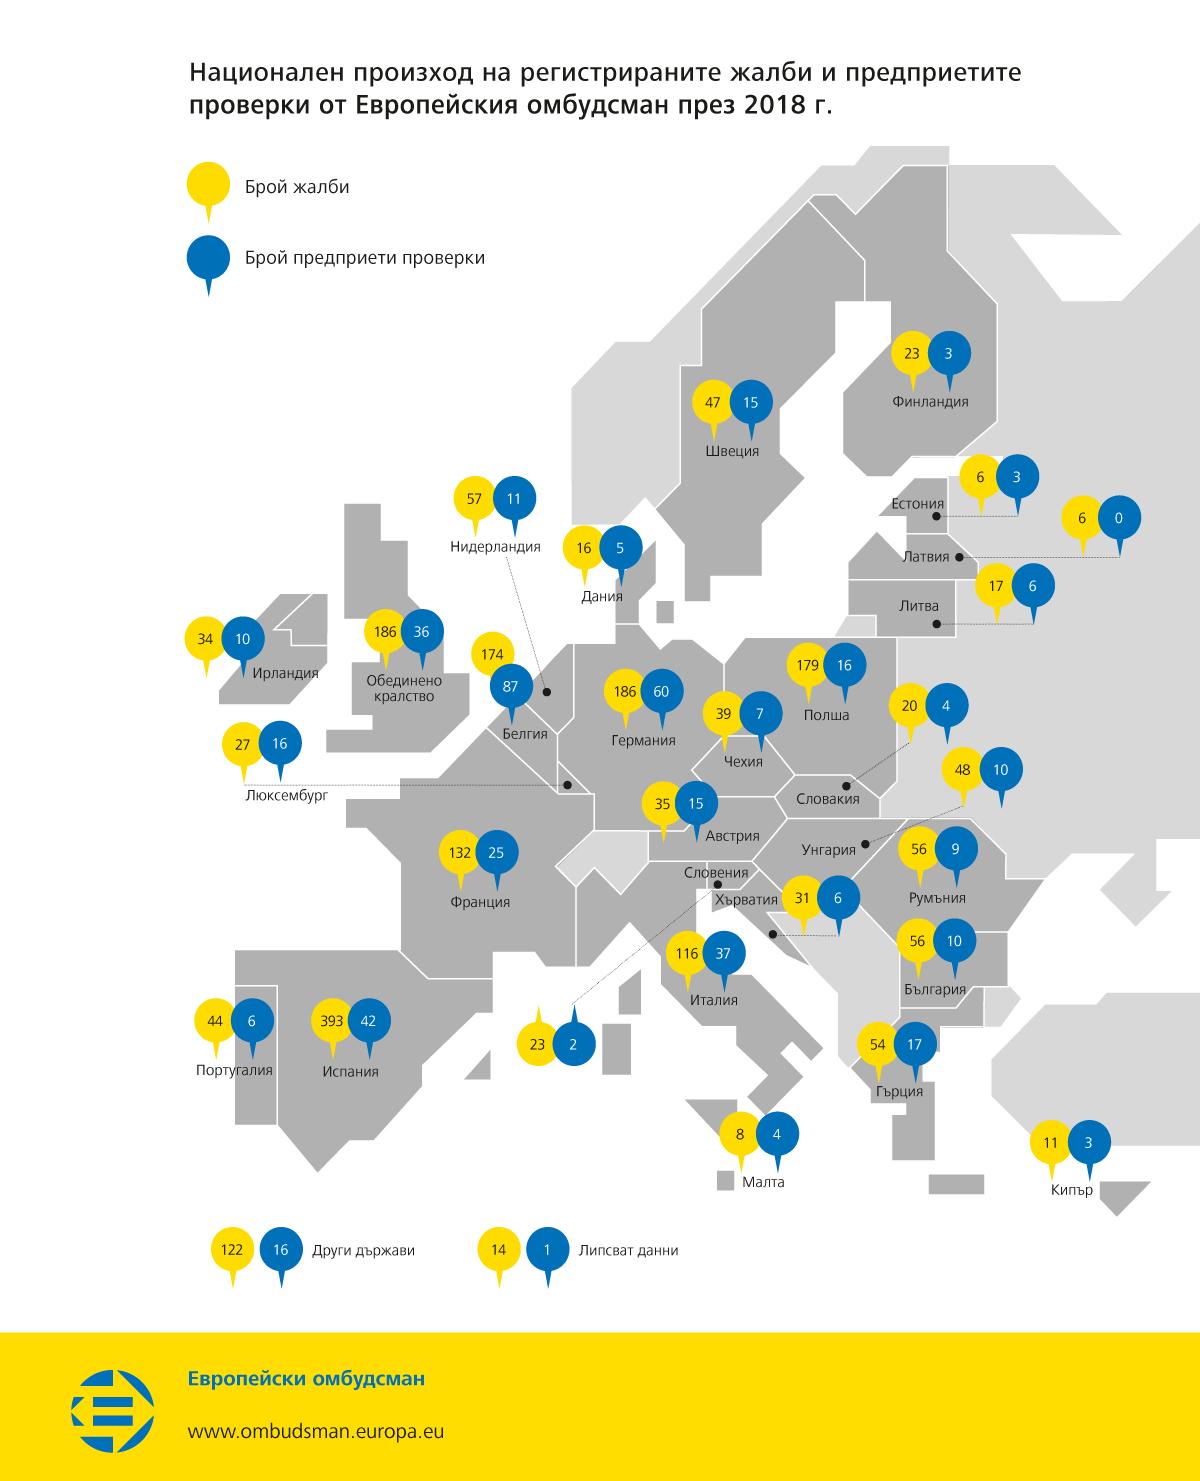 Стратегически инициативи през 2018 г. (искания на разяснения, инициативи, различни от формални проверки)